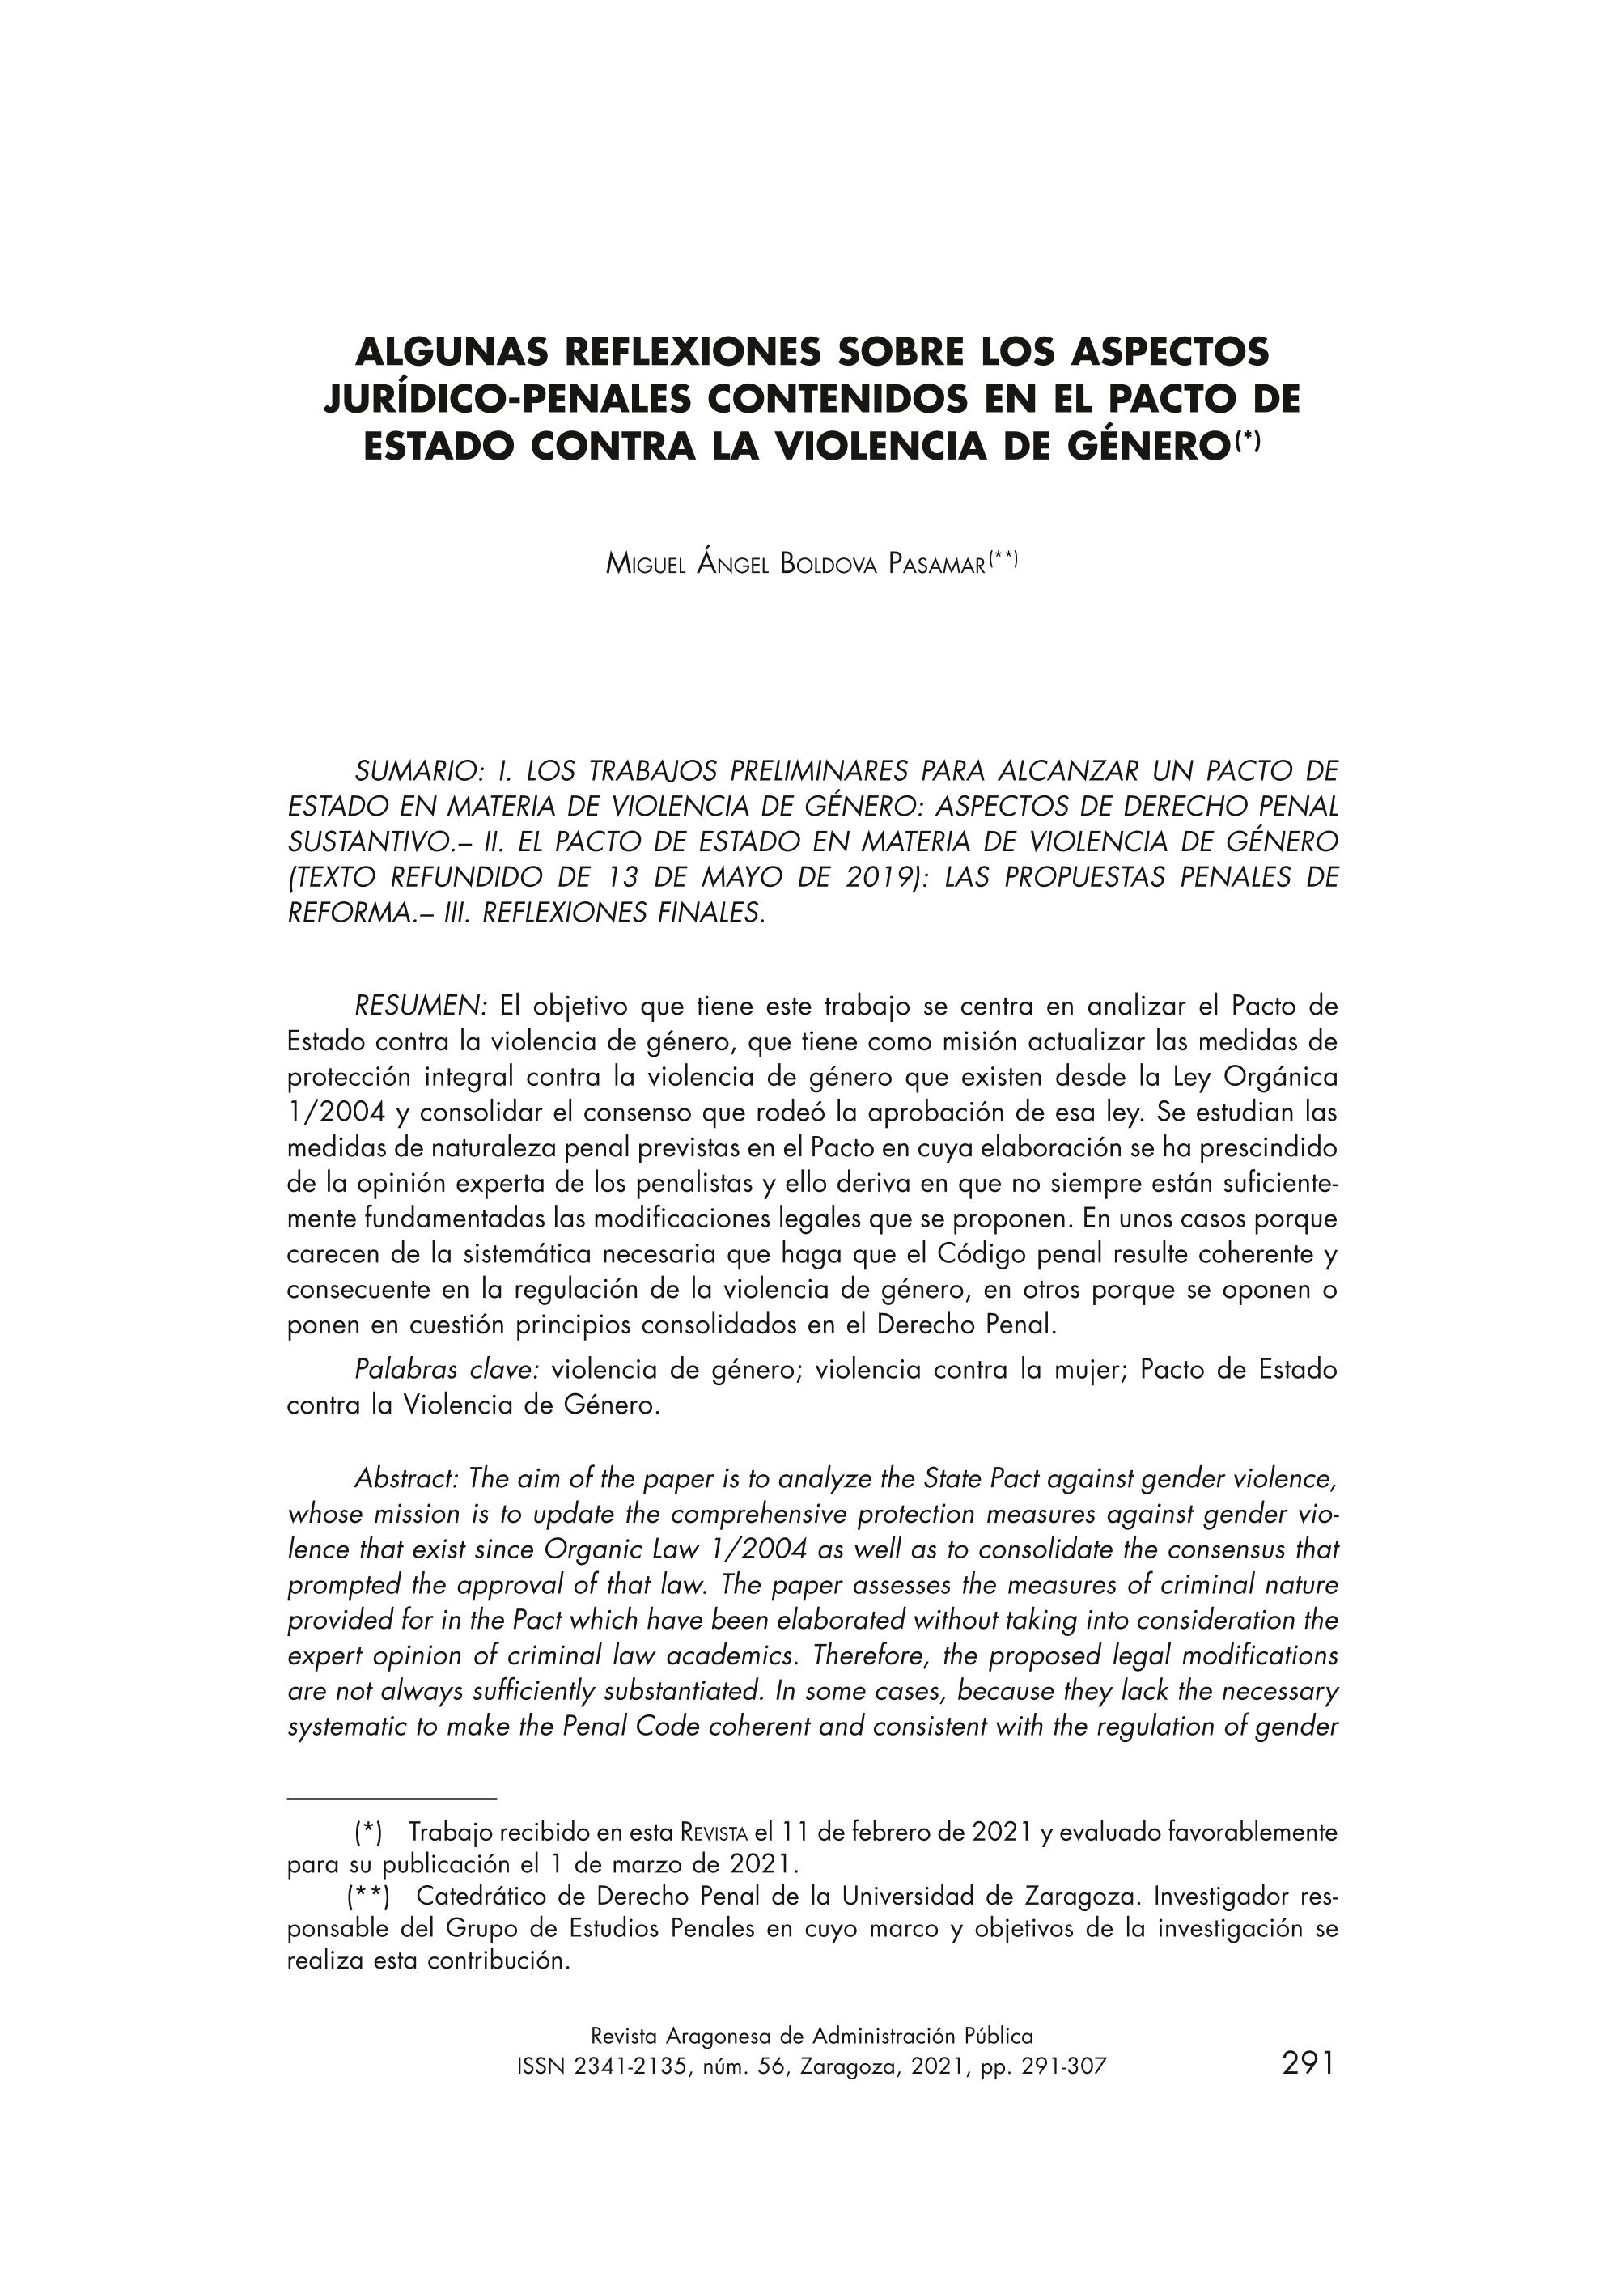 Algunas reflexiones sobre los aspectos jurídico-penales contenidos en el pacto de Estado contra la violencia de género